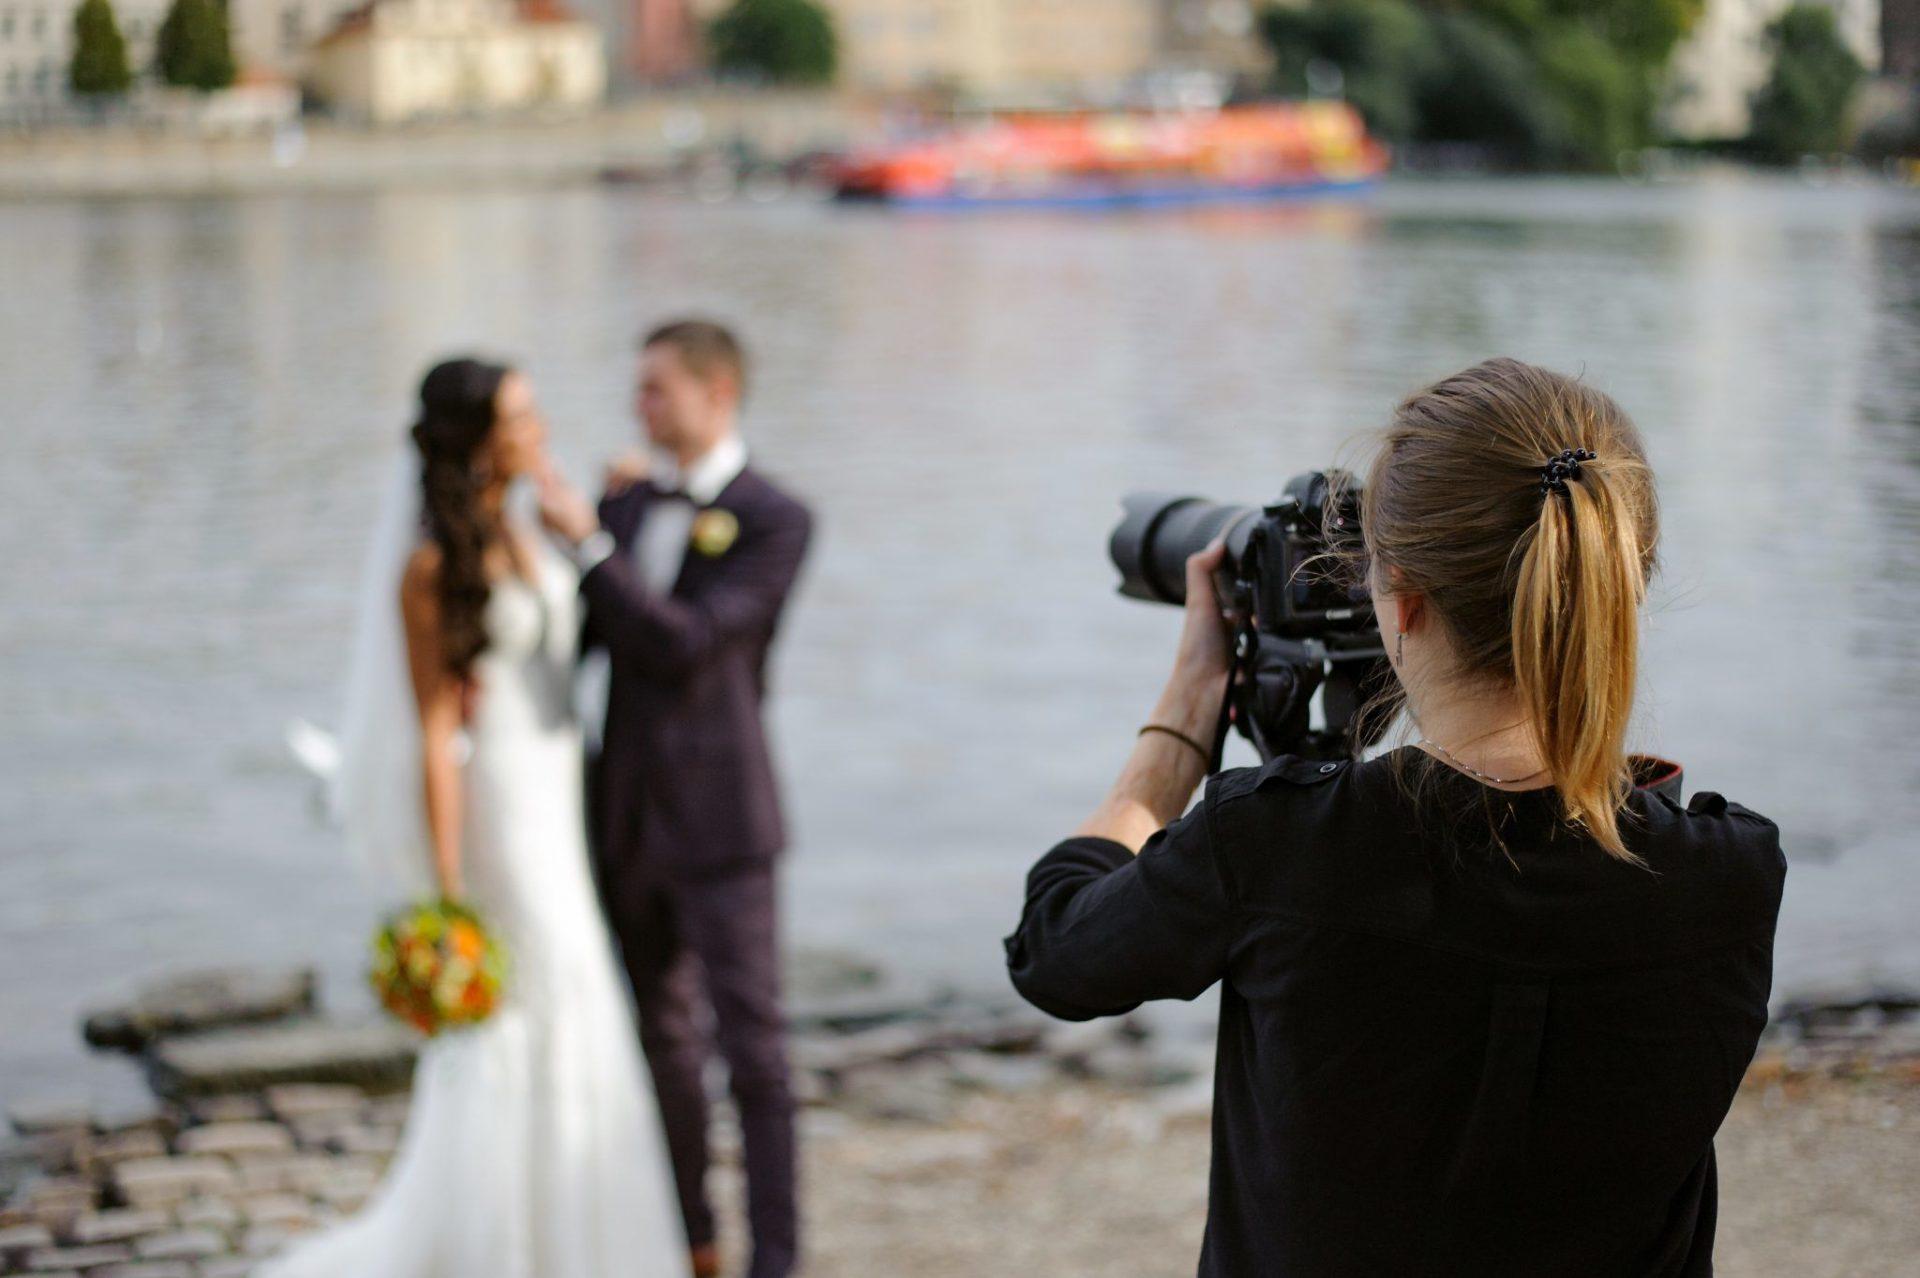 всего самым в каком режиме фотографировать свадьбу сохраняю улыбки